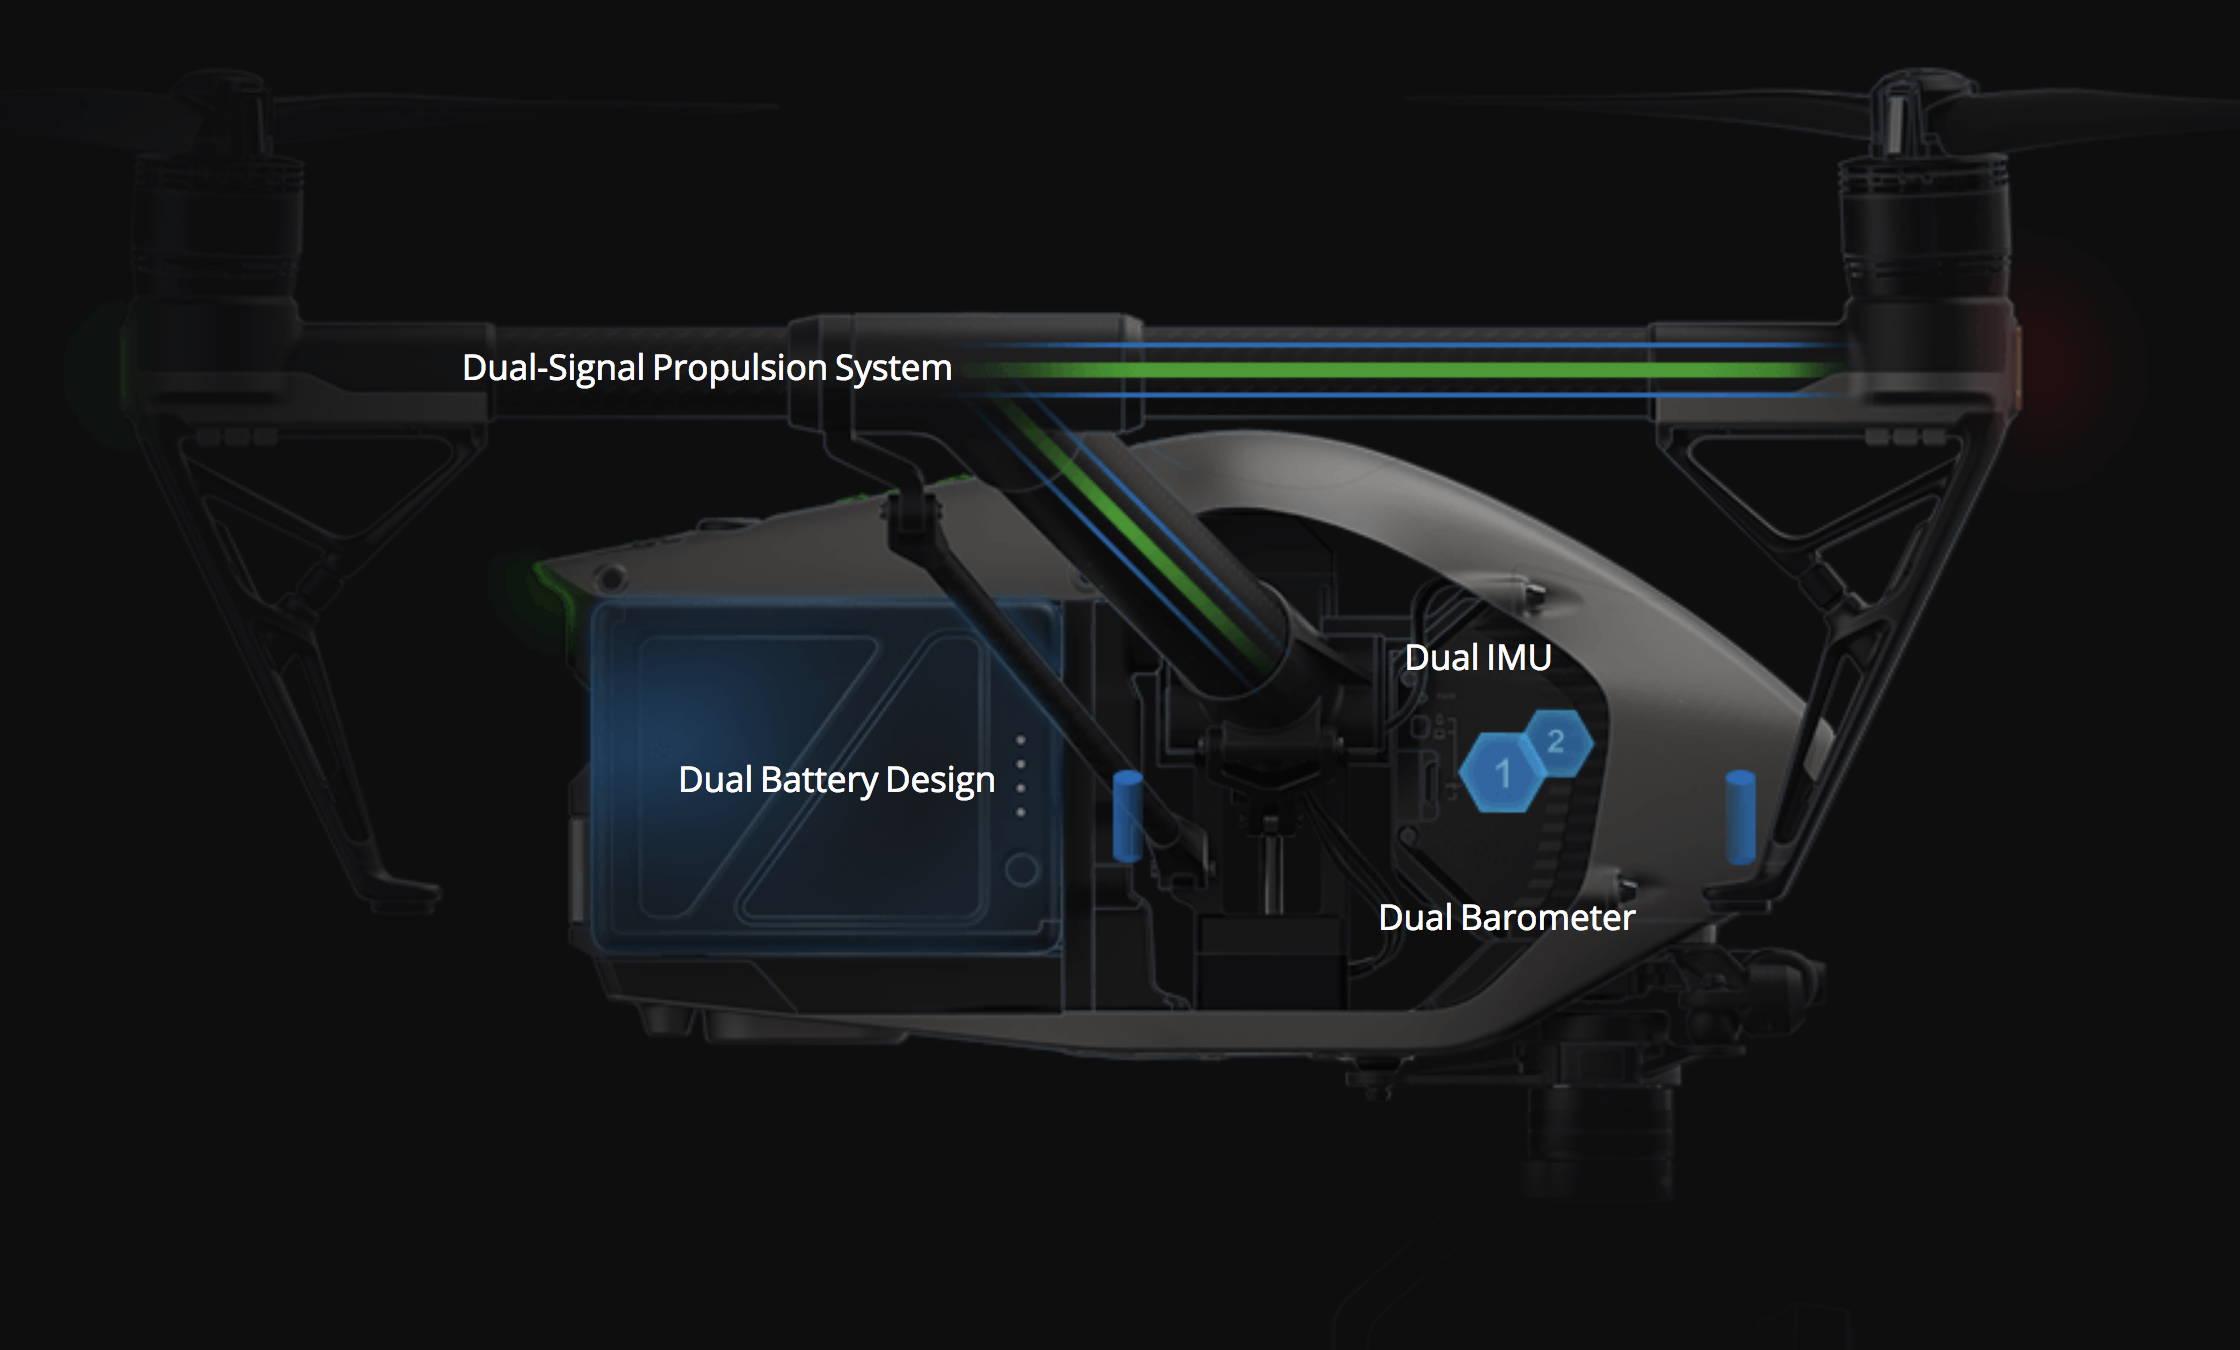 DJI Inspire 2 Dual Battery